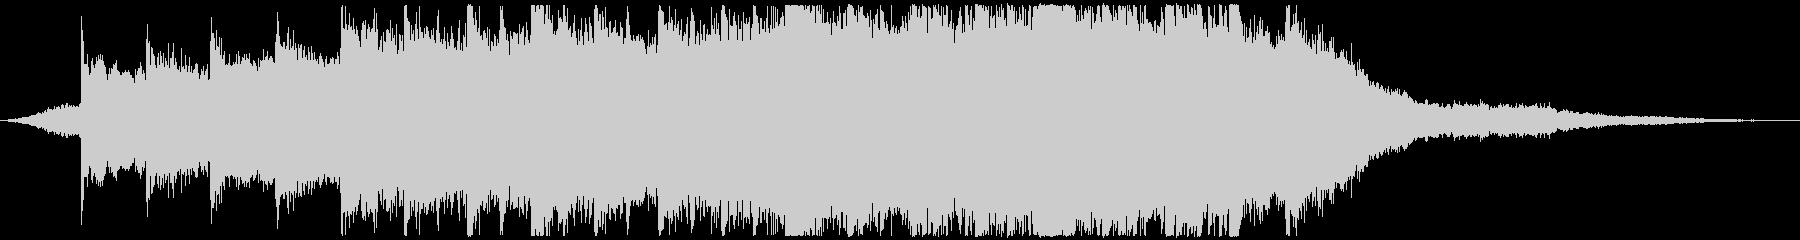 明るく感動的なロックの未再生の波形